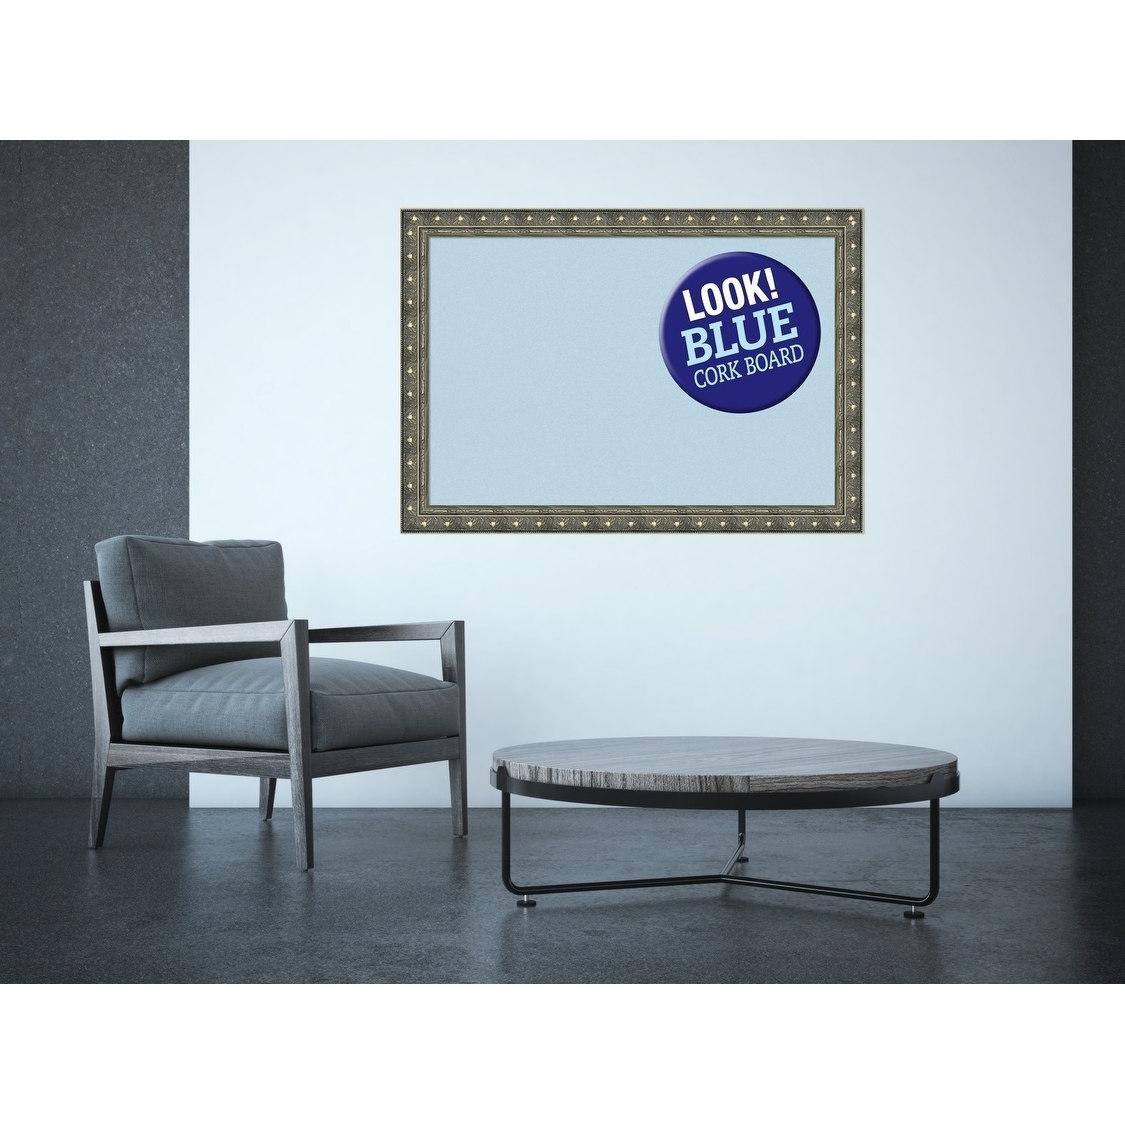 Amanti Art DSWBARCB2820 Barcelona 28 Inch x 20 Inch Framed Cork Board